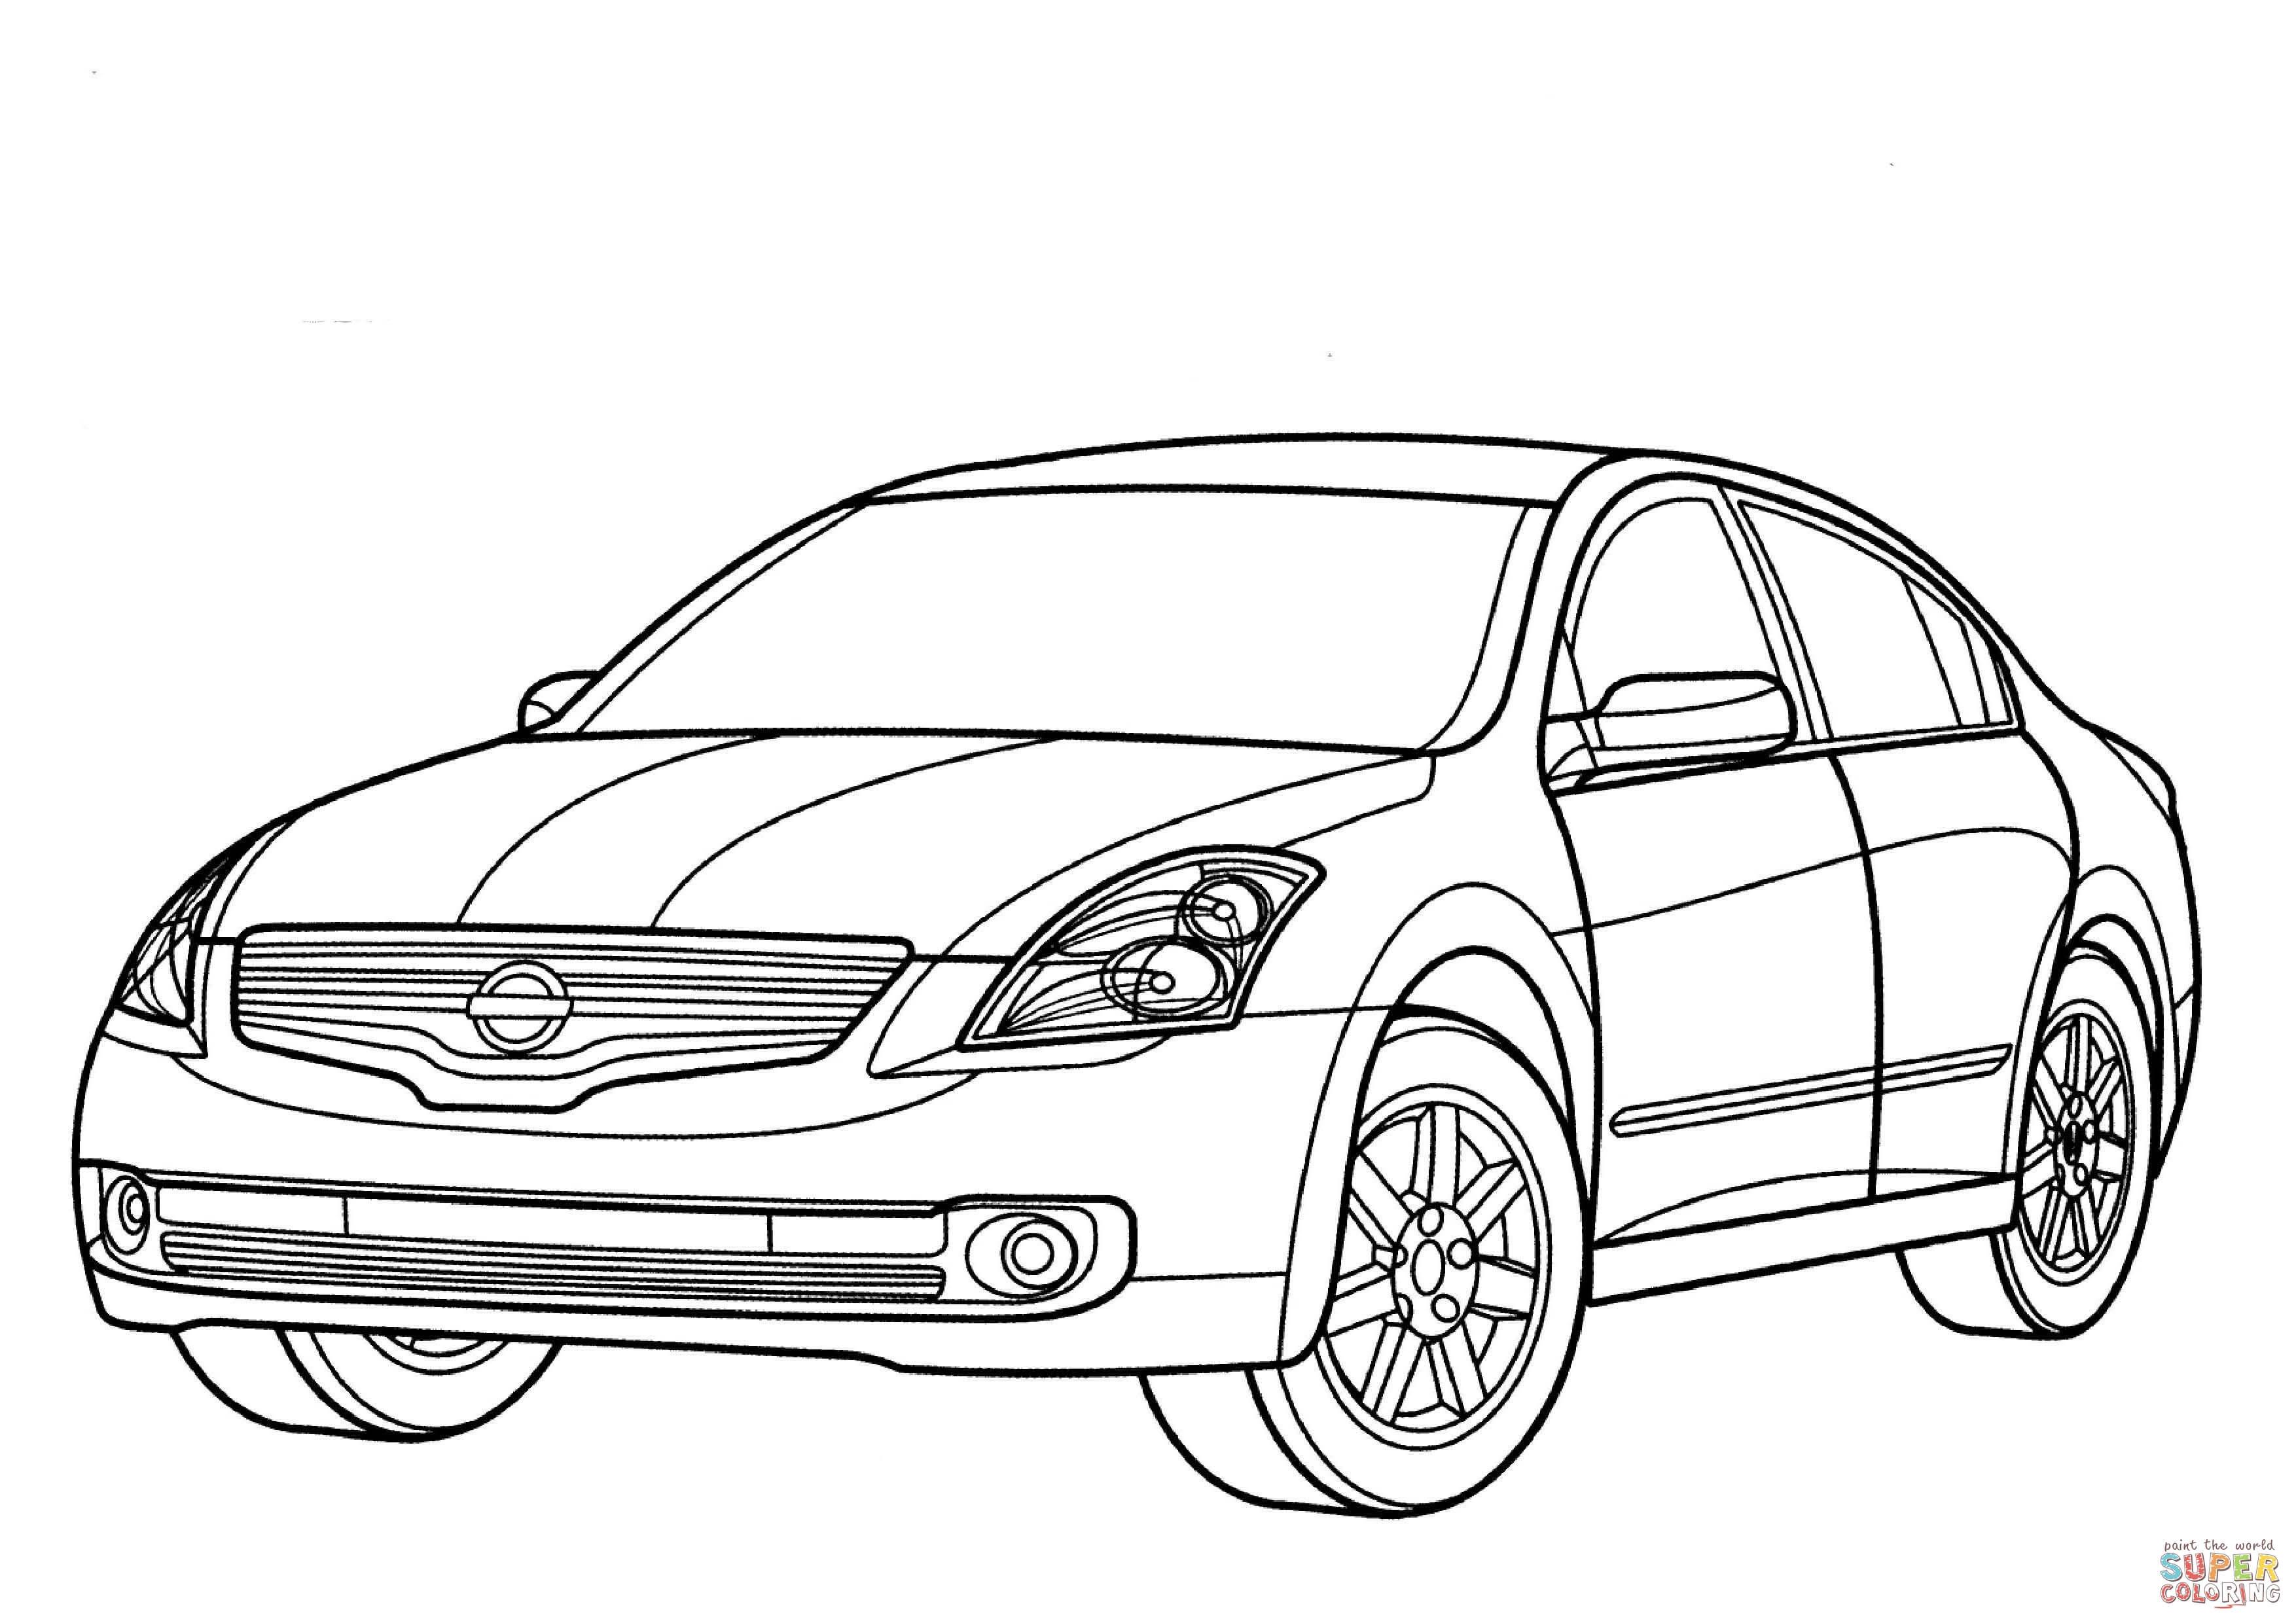 Dibujo De Nissan Altima Hibrido Para Colorear